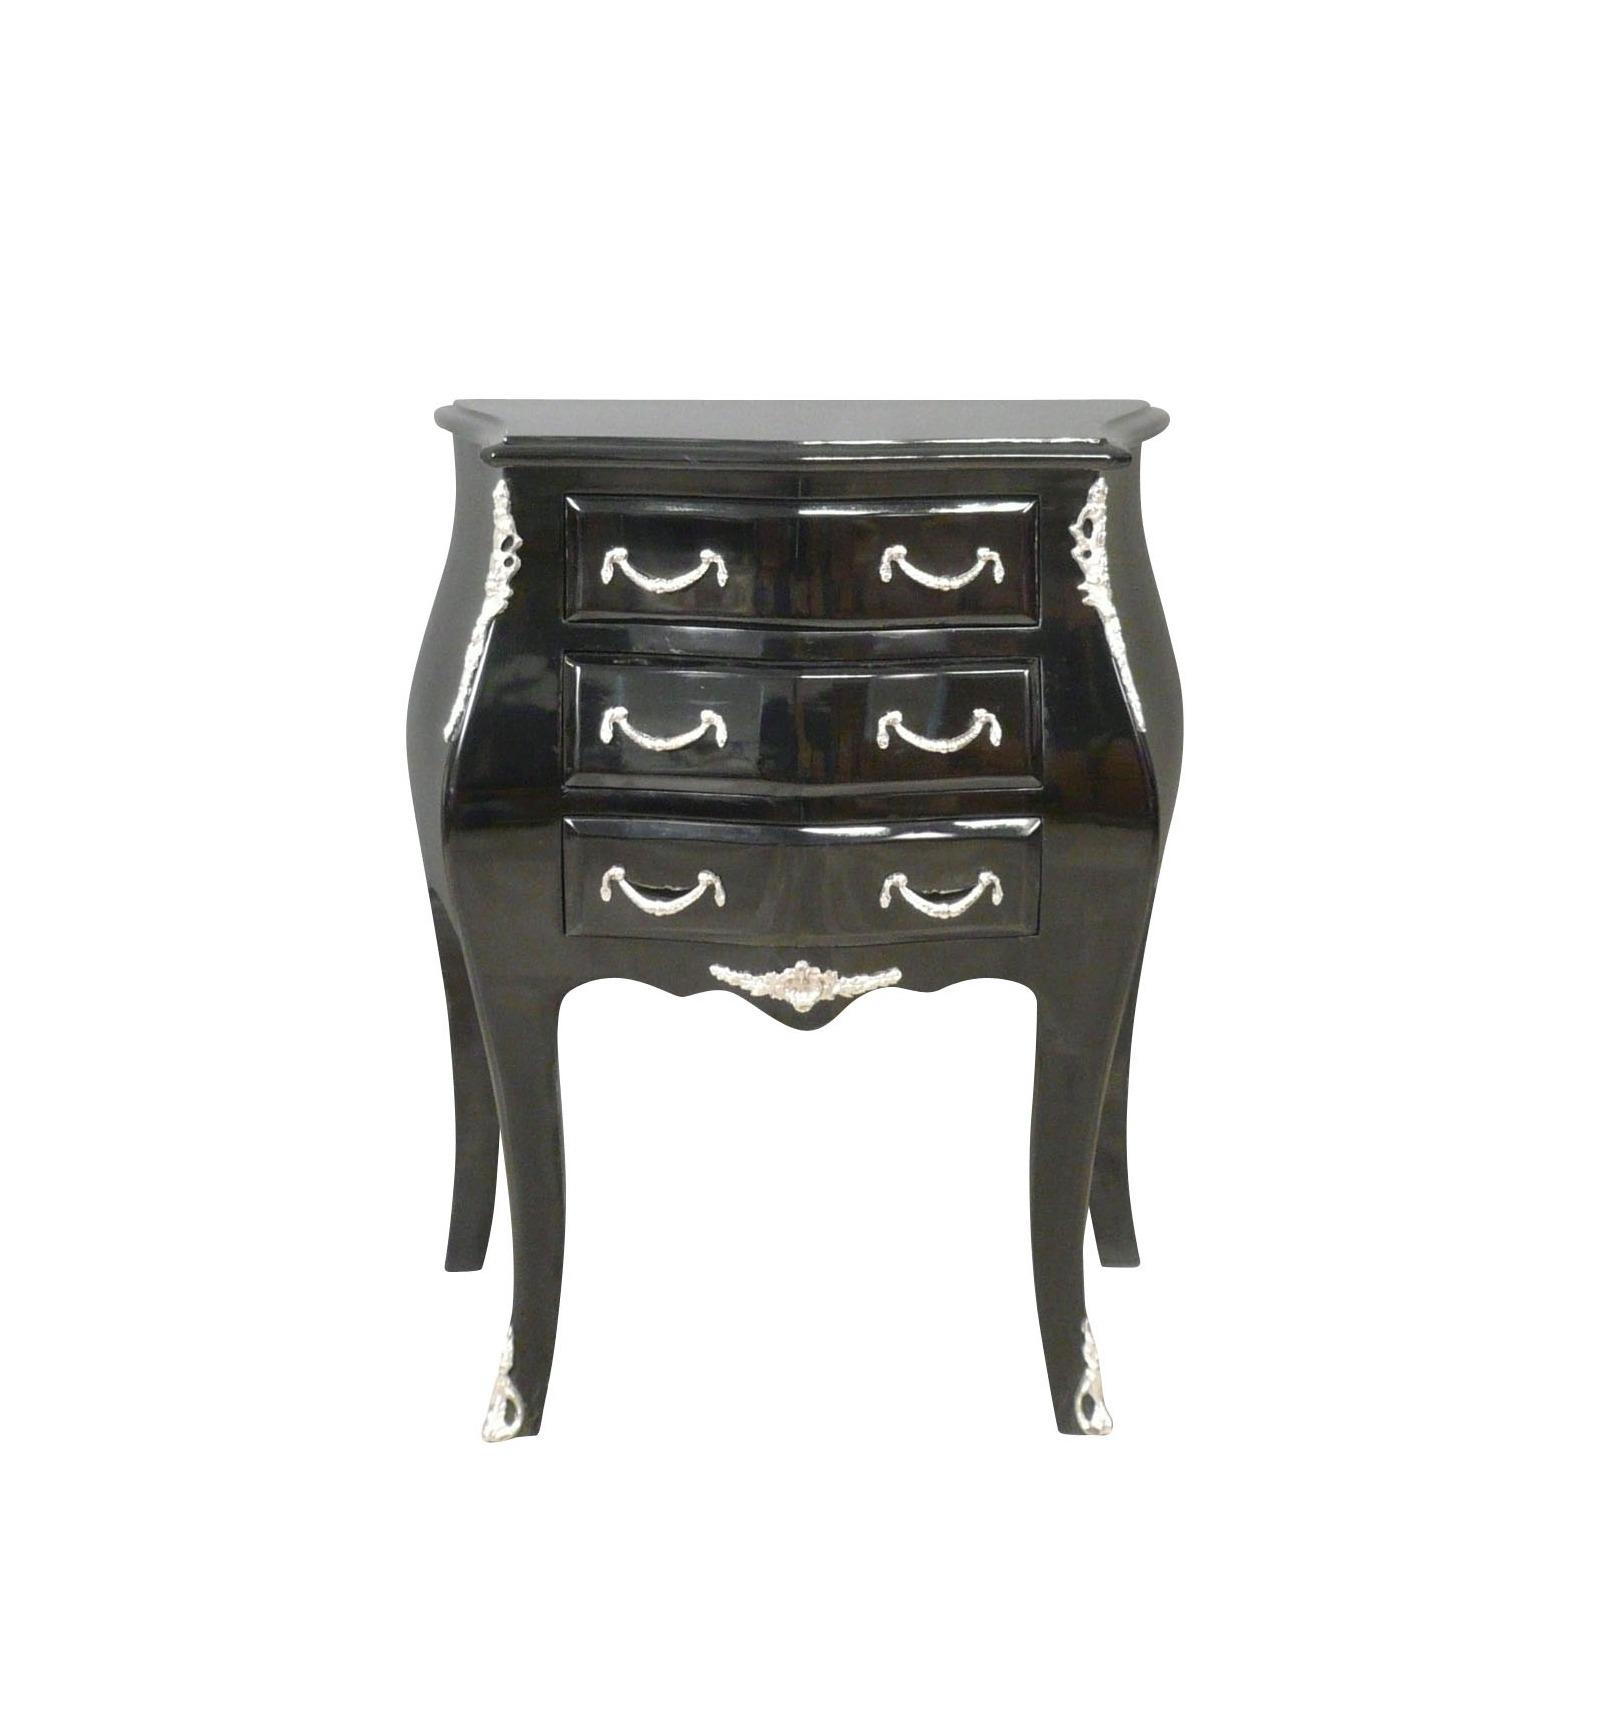 commode baroque noire de style louis xv meubles baroques. Black Bedroom Furniture Sets. Home Design Ideas